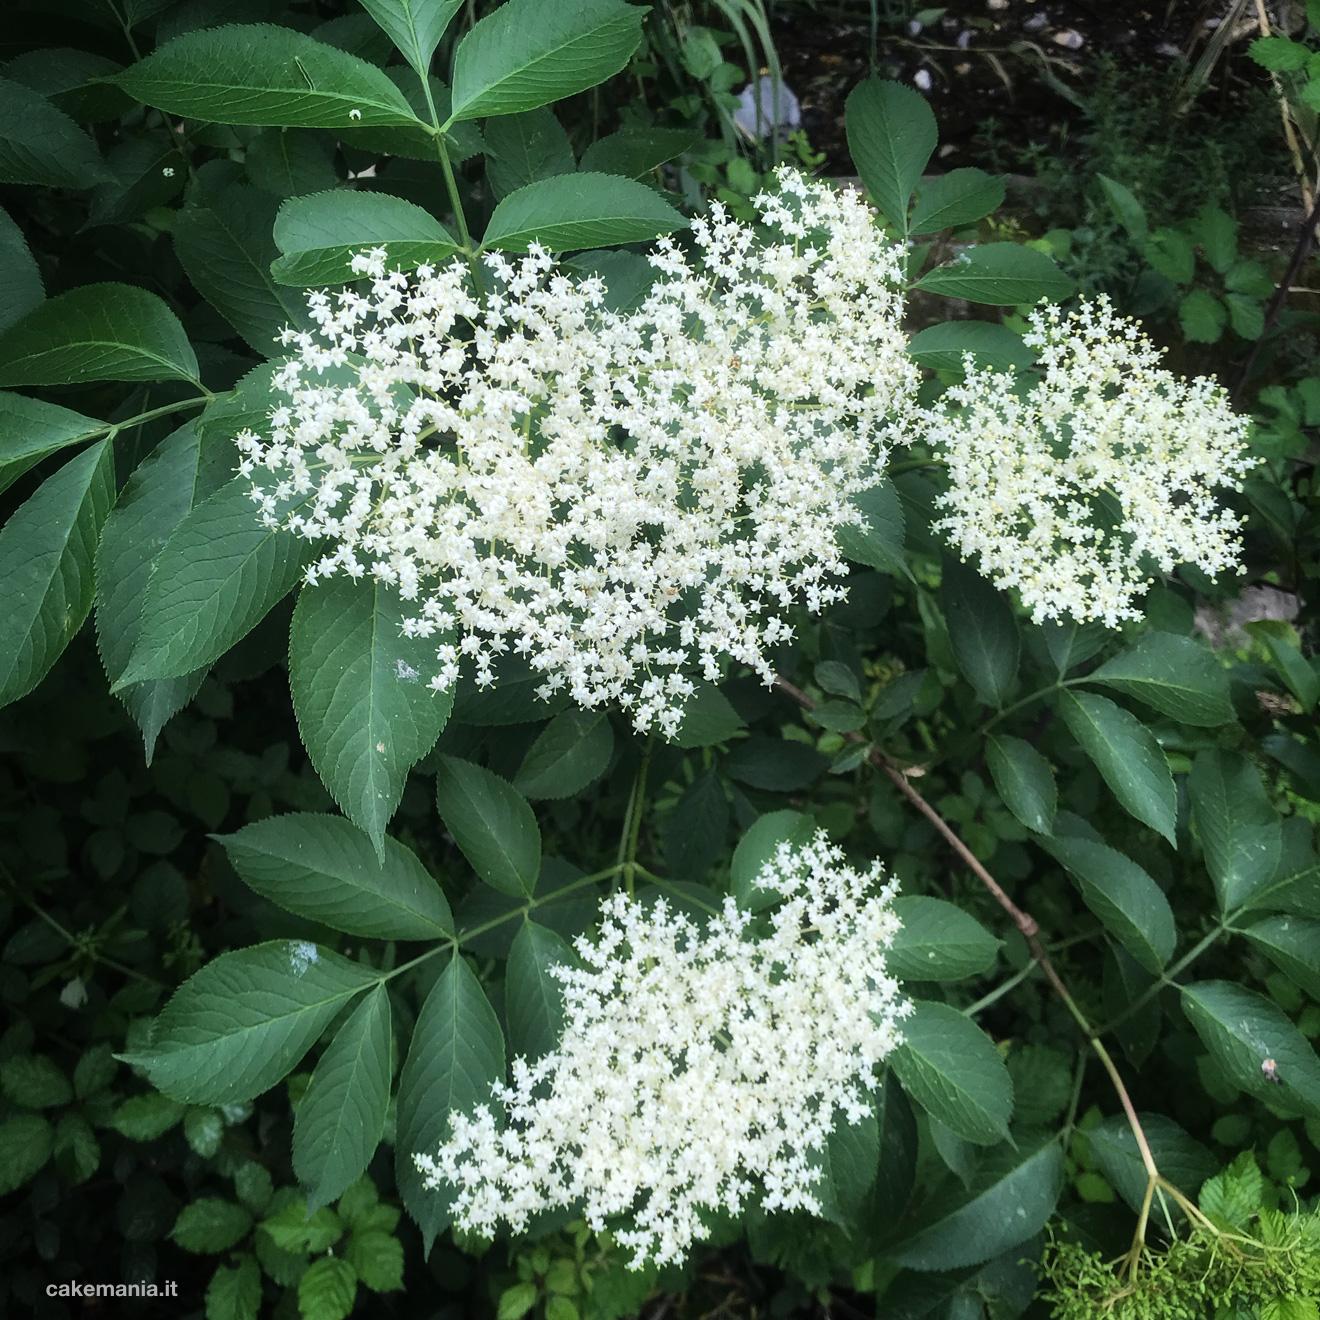 sambuco fiore commestibile